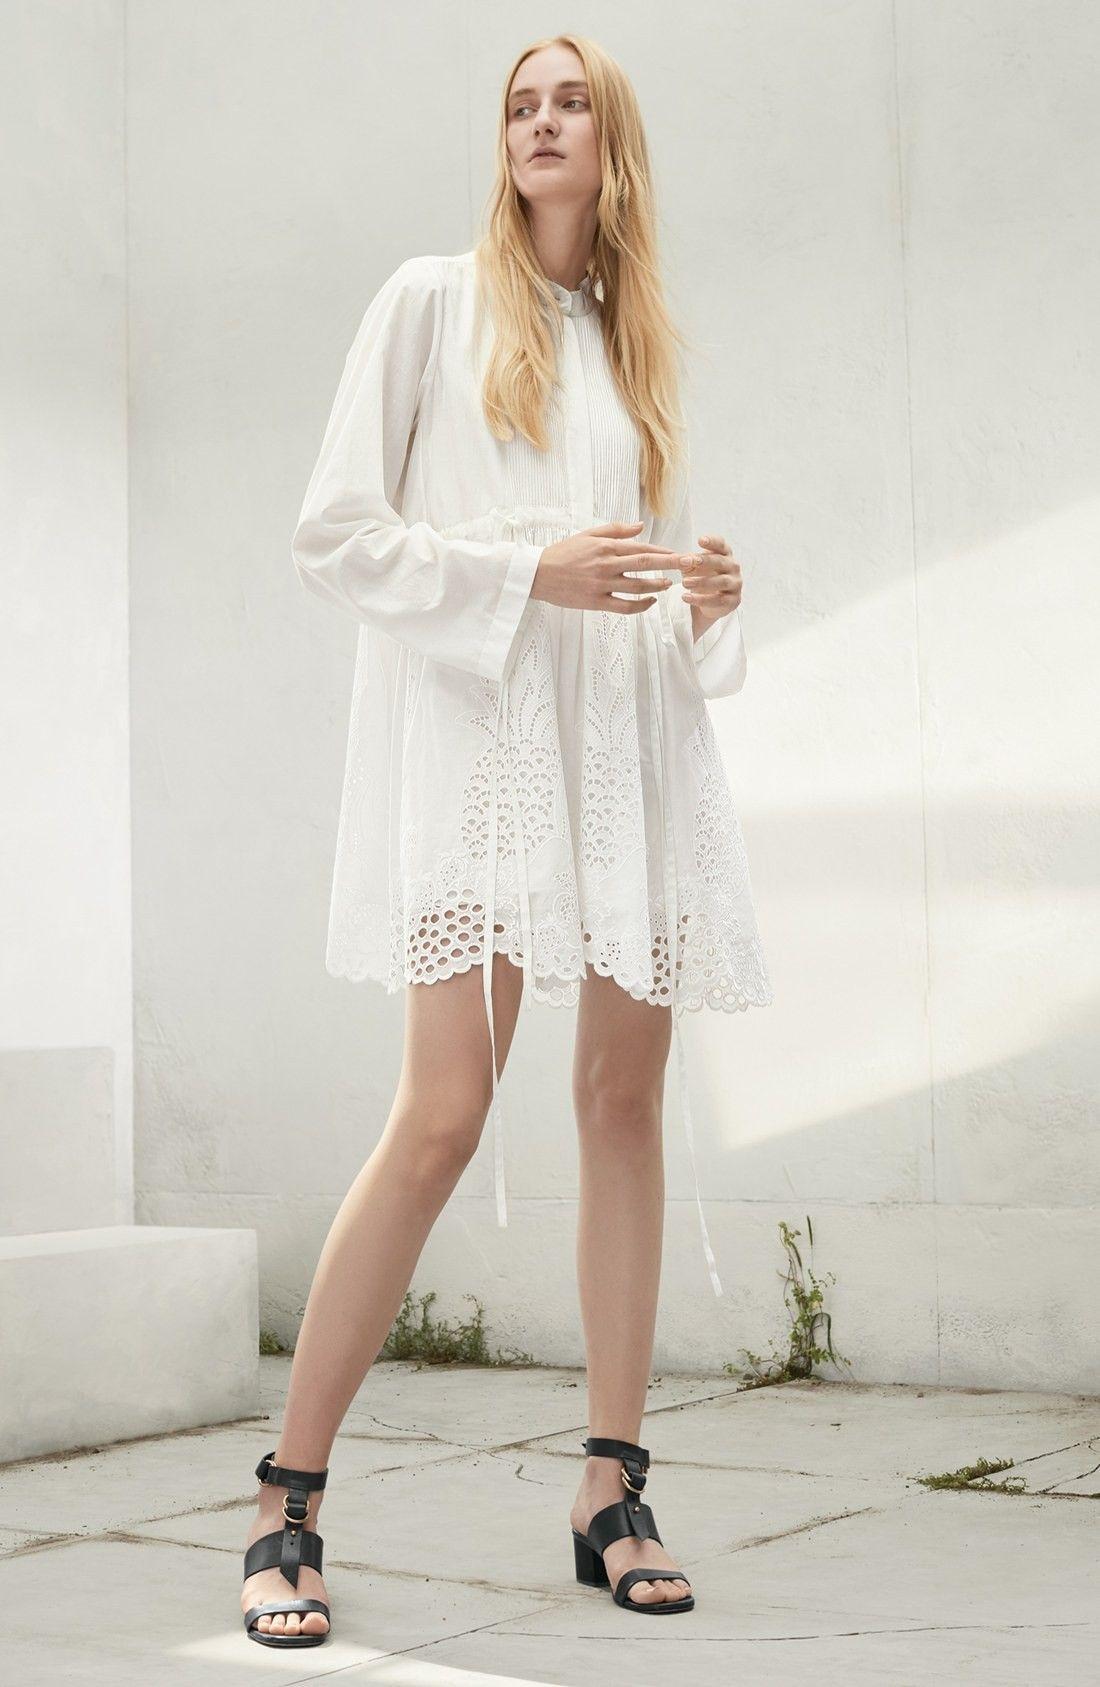 Chloe Pineapple Lace Cotton Dress Cotton Dresses Dresses Nordstrom Dresses [ 1687 x 1100 Pixel ]